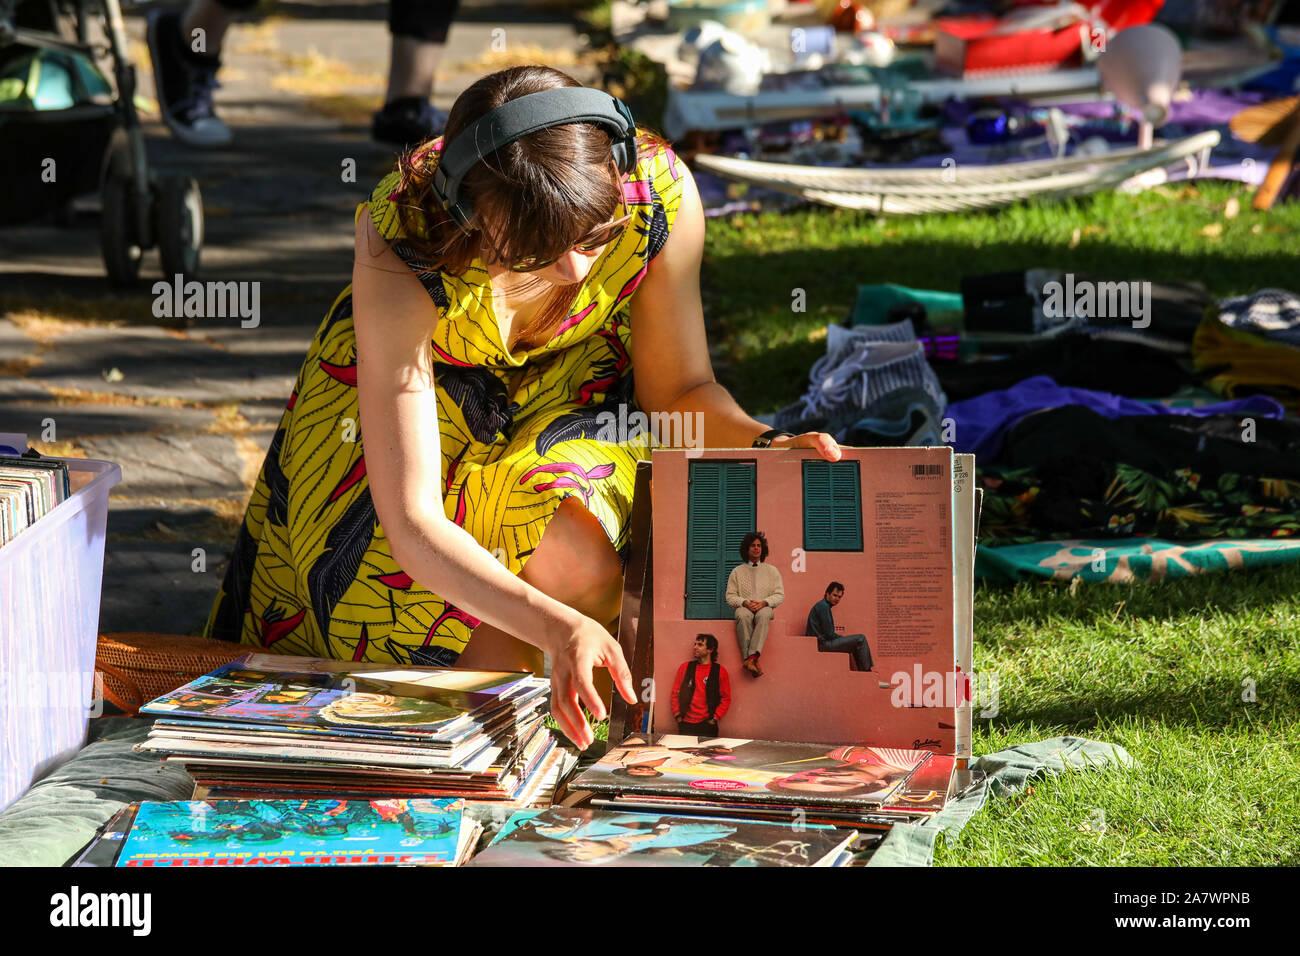 young-woman-browsing-through-vinyl-recor